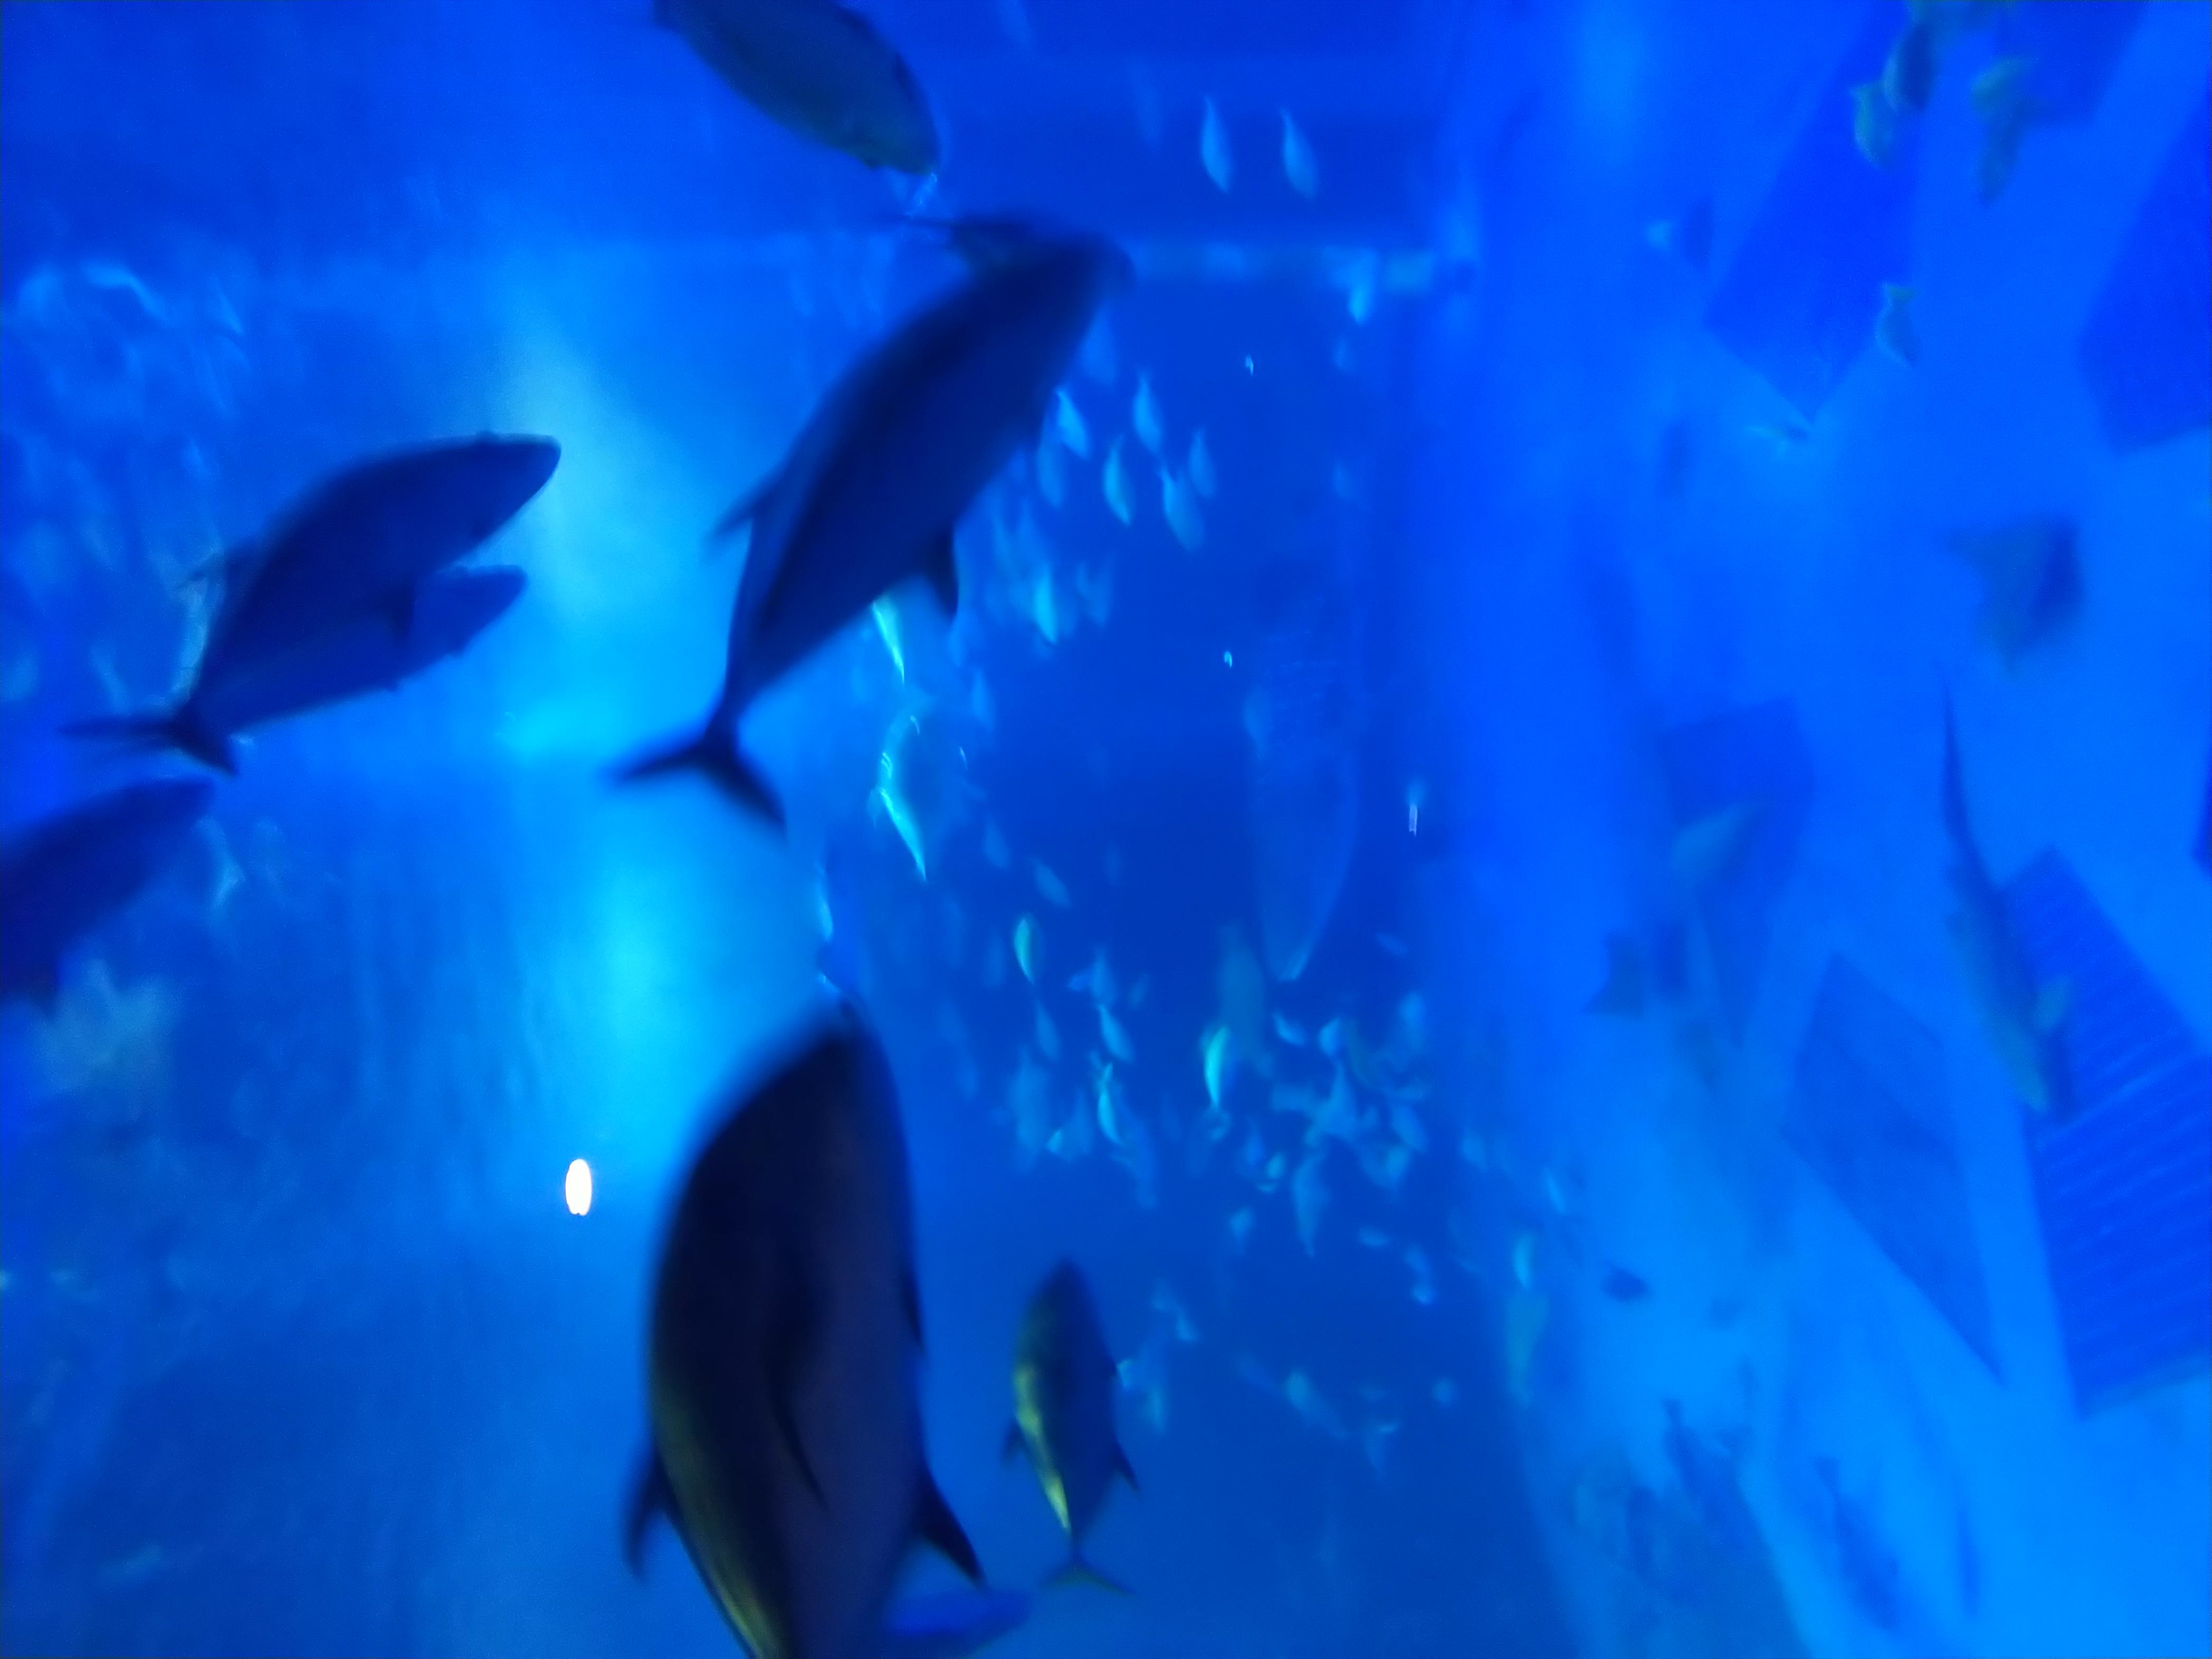 五十六回、水族館と相棒感想とお題ガチャ